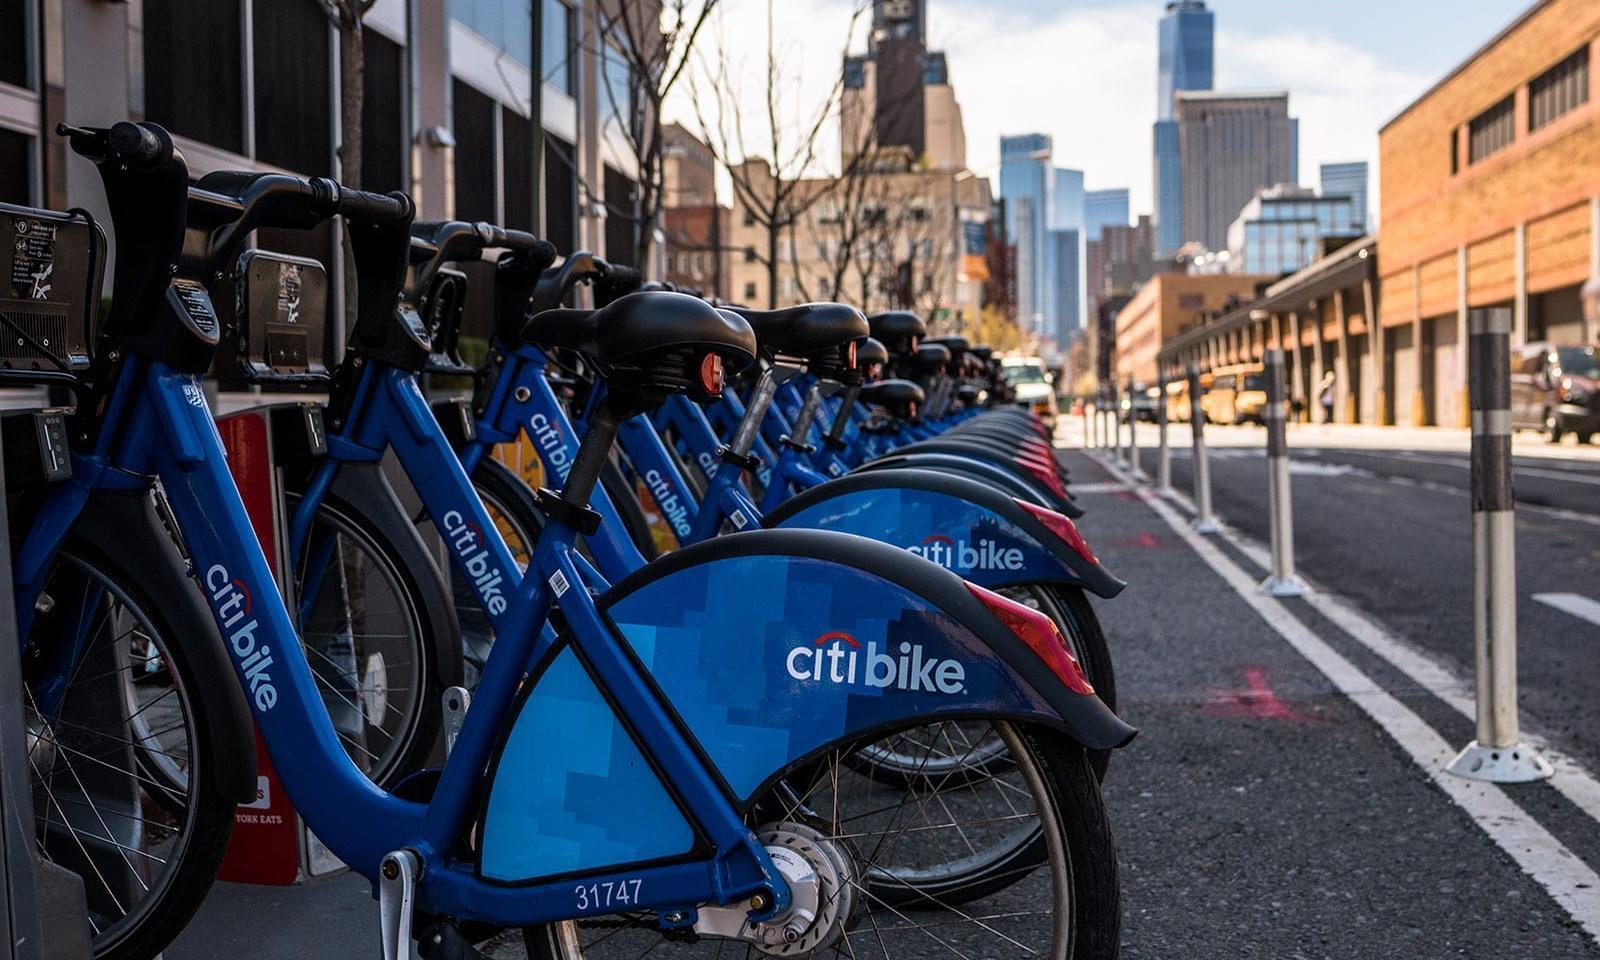 Citi Bike New York: so funktionieren sie, Erfahrungen & Tipps 2019 Citi Bike Map Nyc on